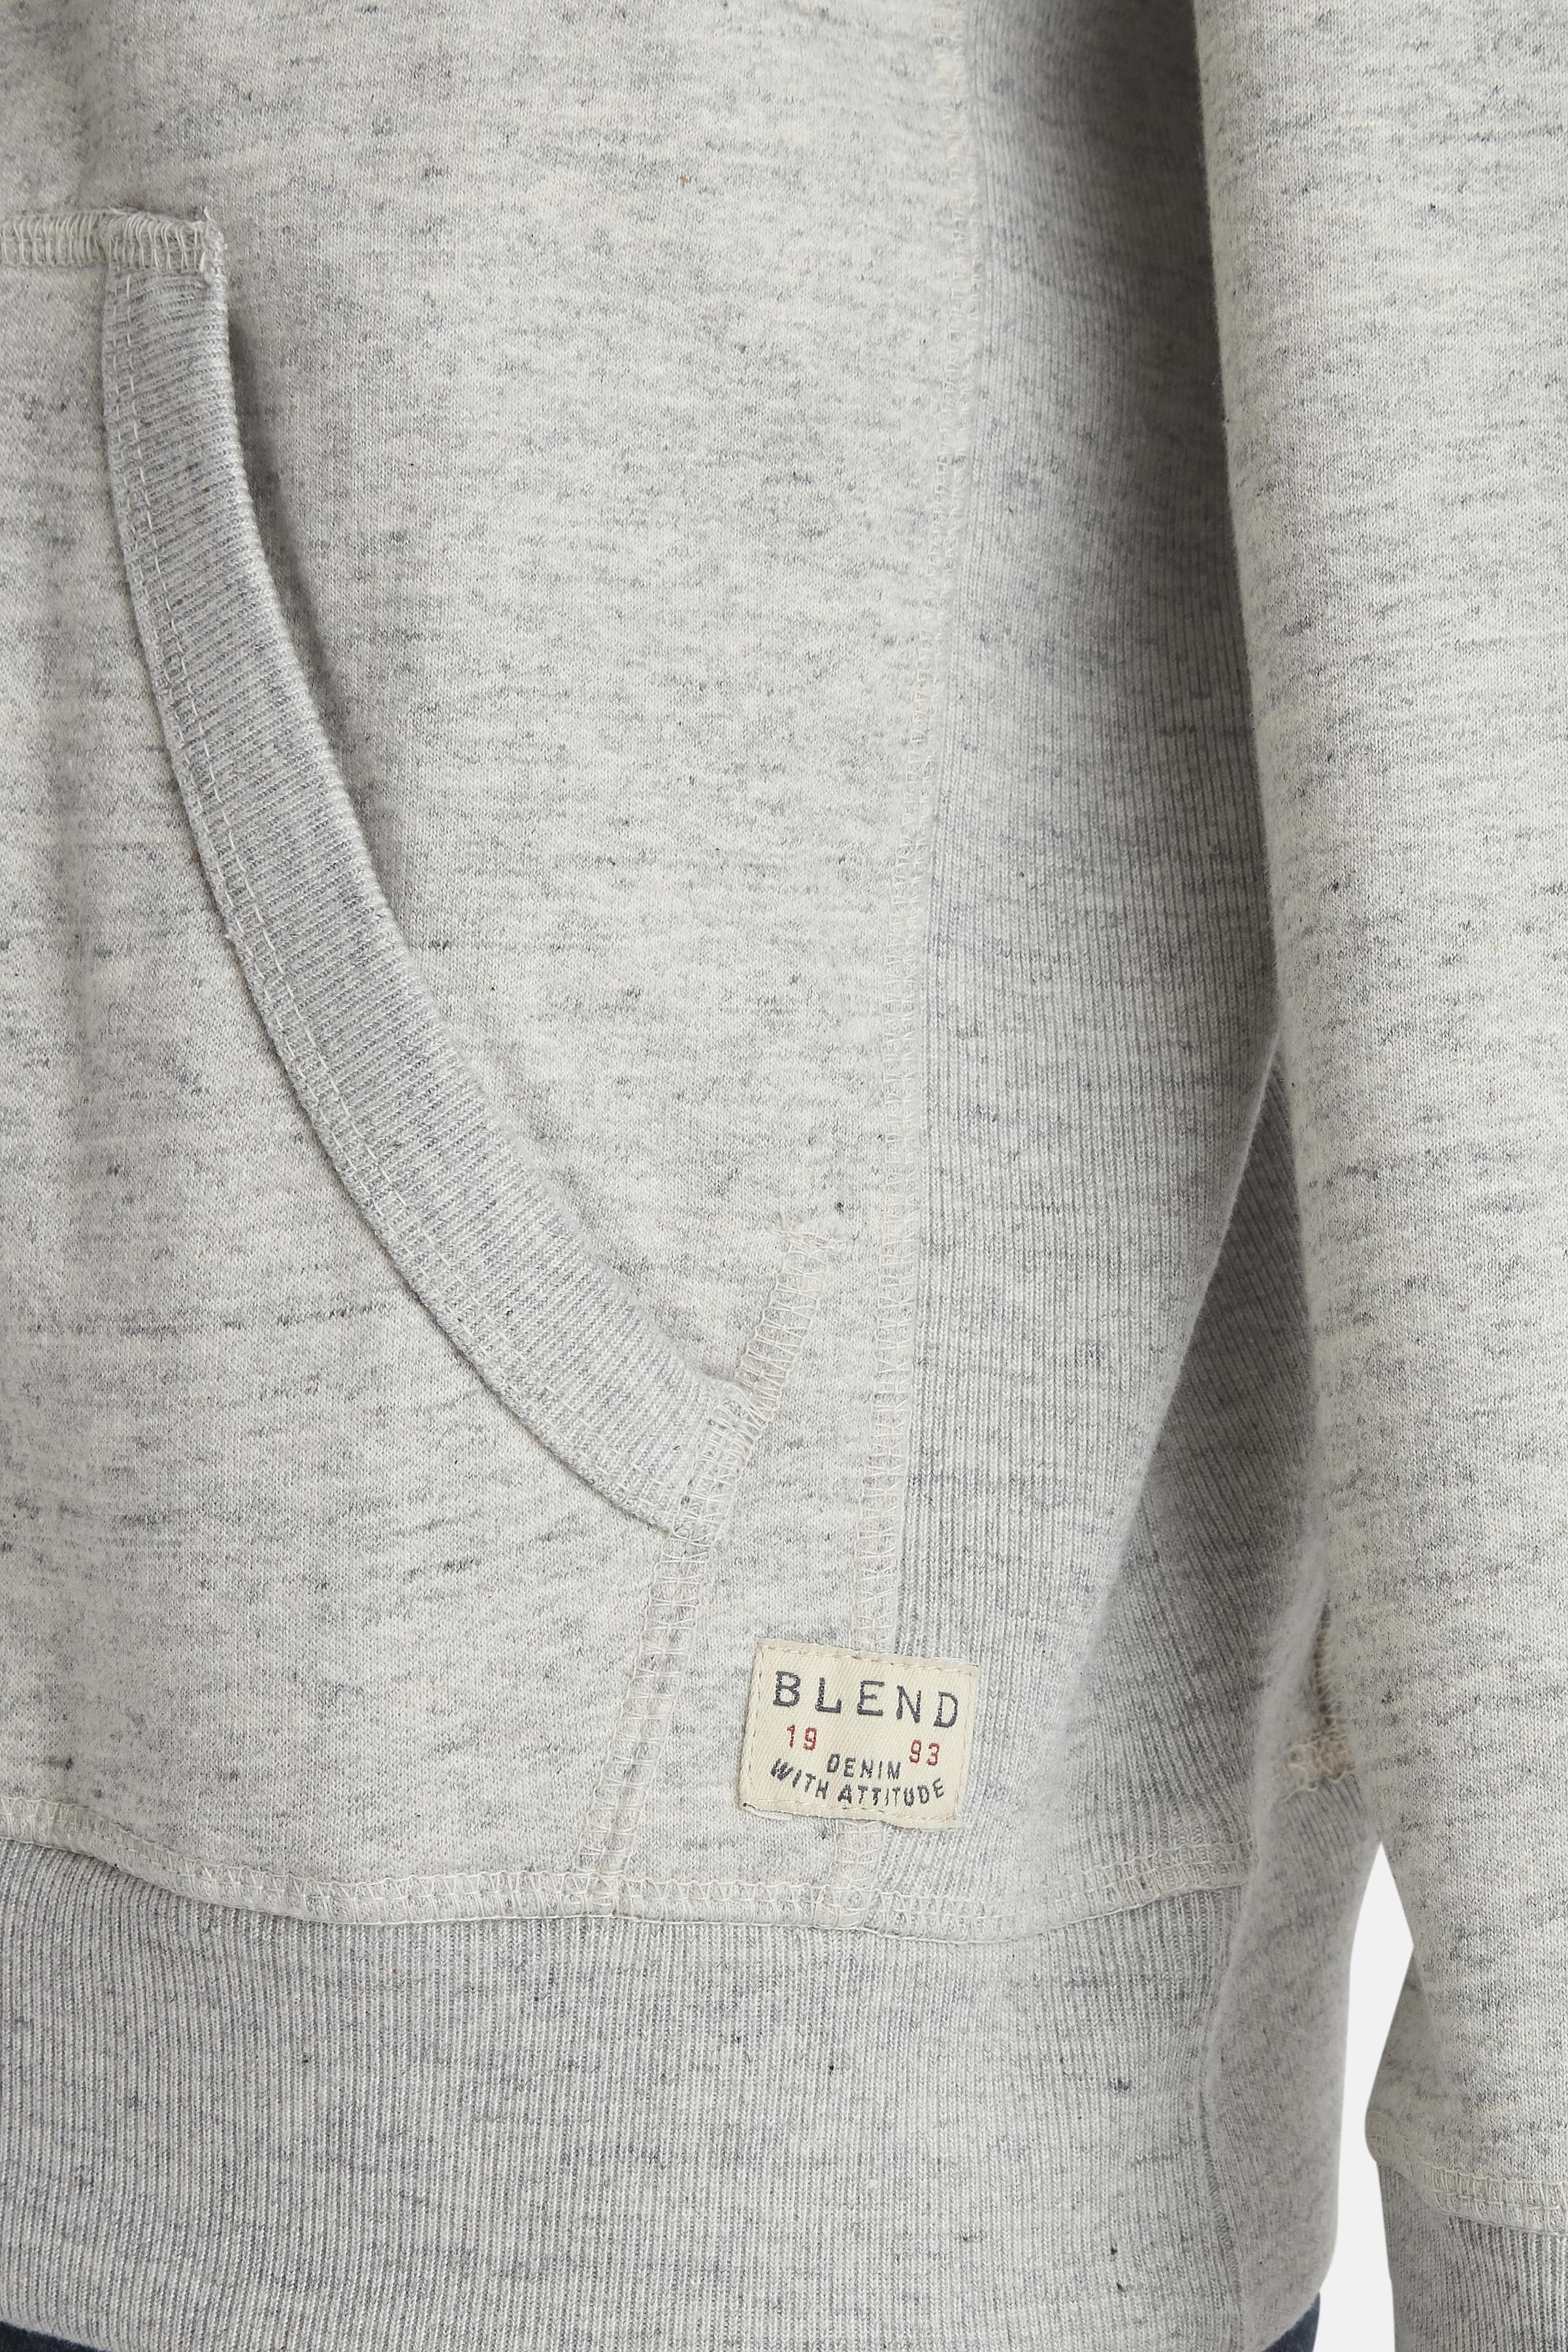 Stone mix Sweatshirt met capuchon van Blend He – Door Stone mix Sweatshirt met capuchon van maat. S-3XL hier